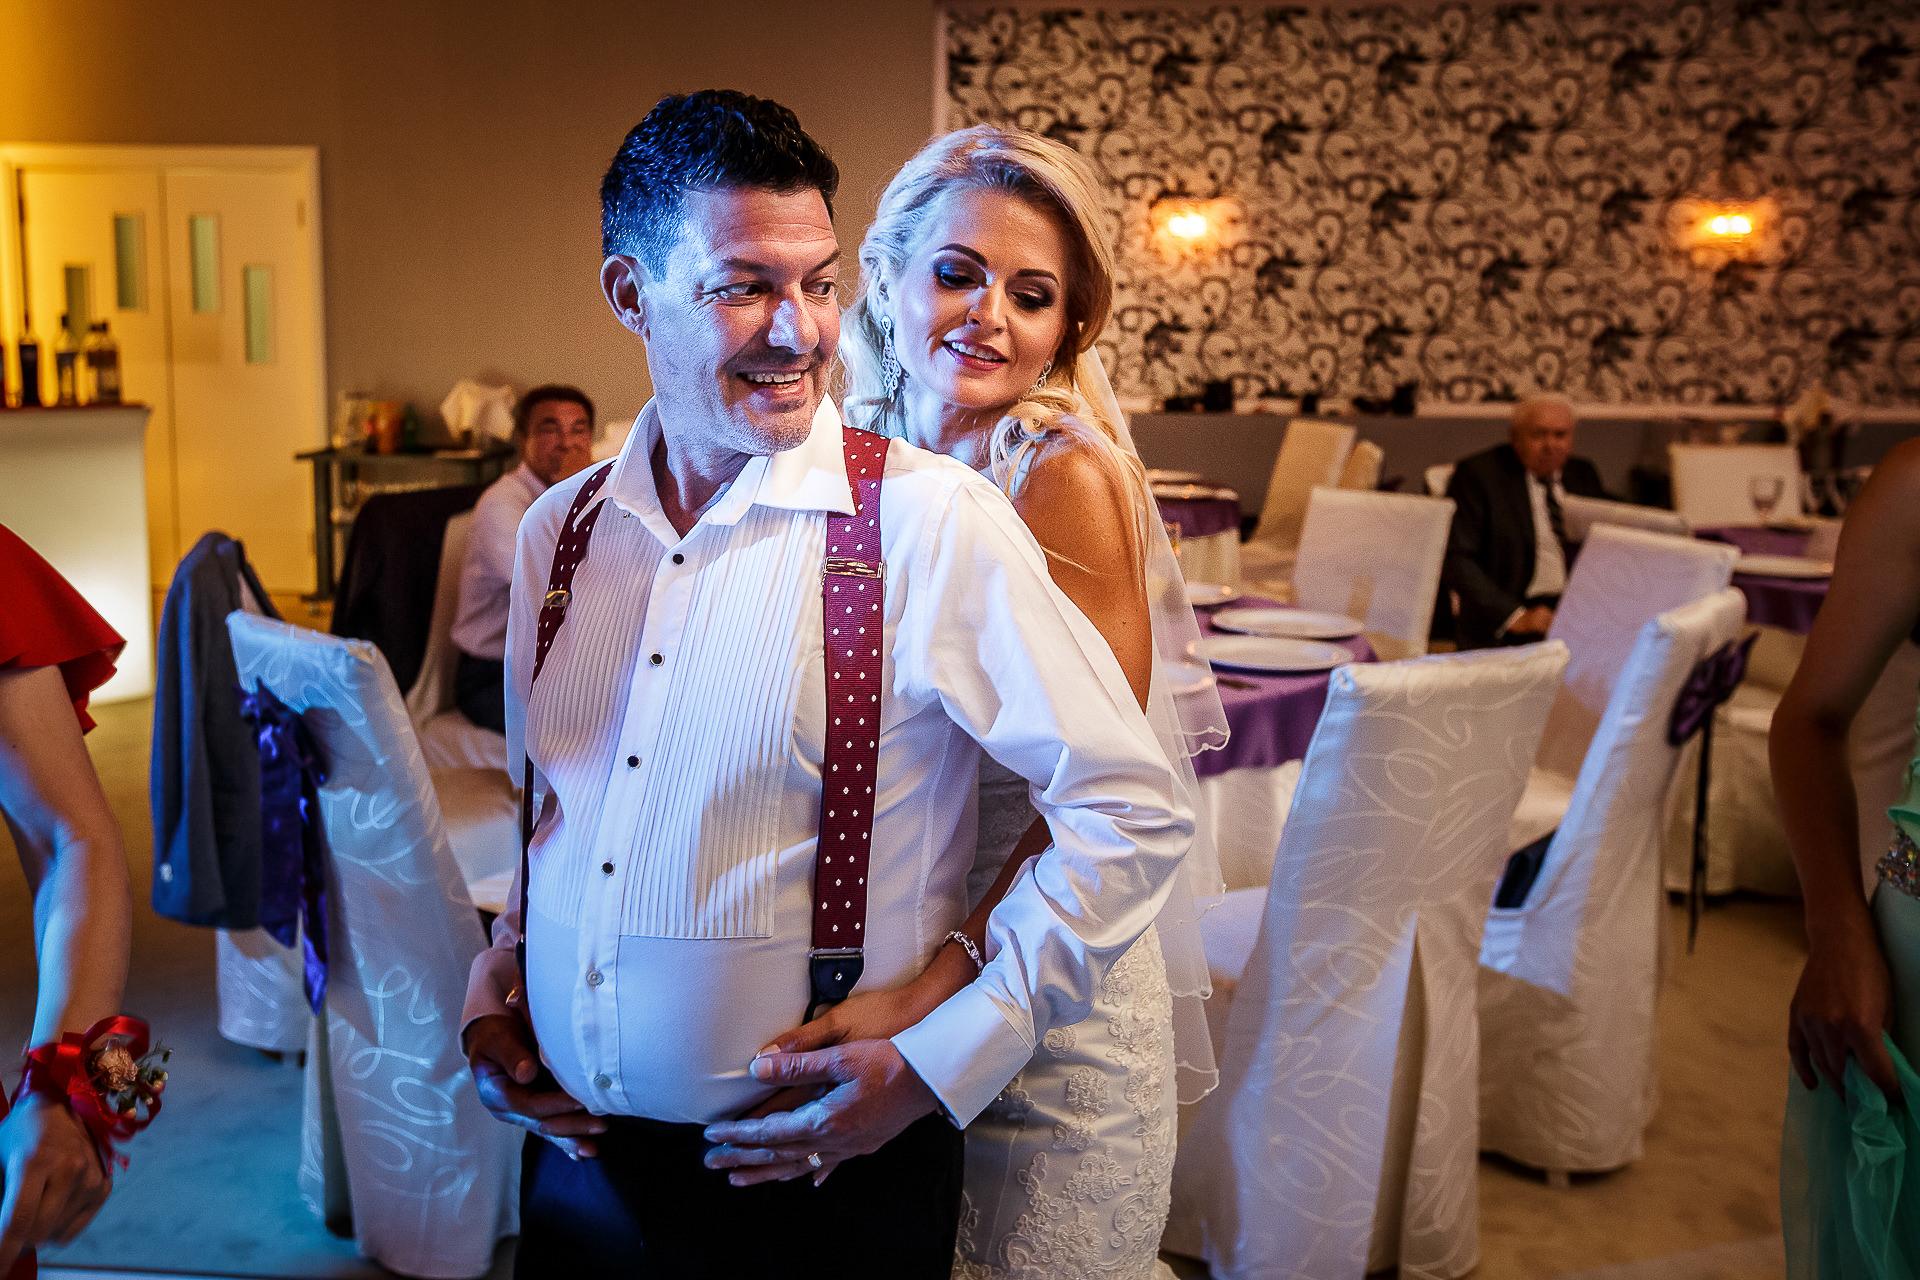 Fotograf nuntă Bucureşti - Biserica Militara Sfântul Mina + Metropolitan Club and Events - Marinela şi Pasquale - Mihai Zaharia Photography - 61